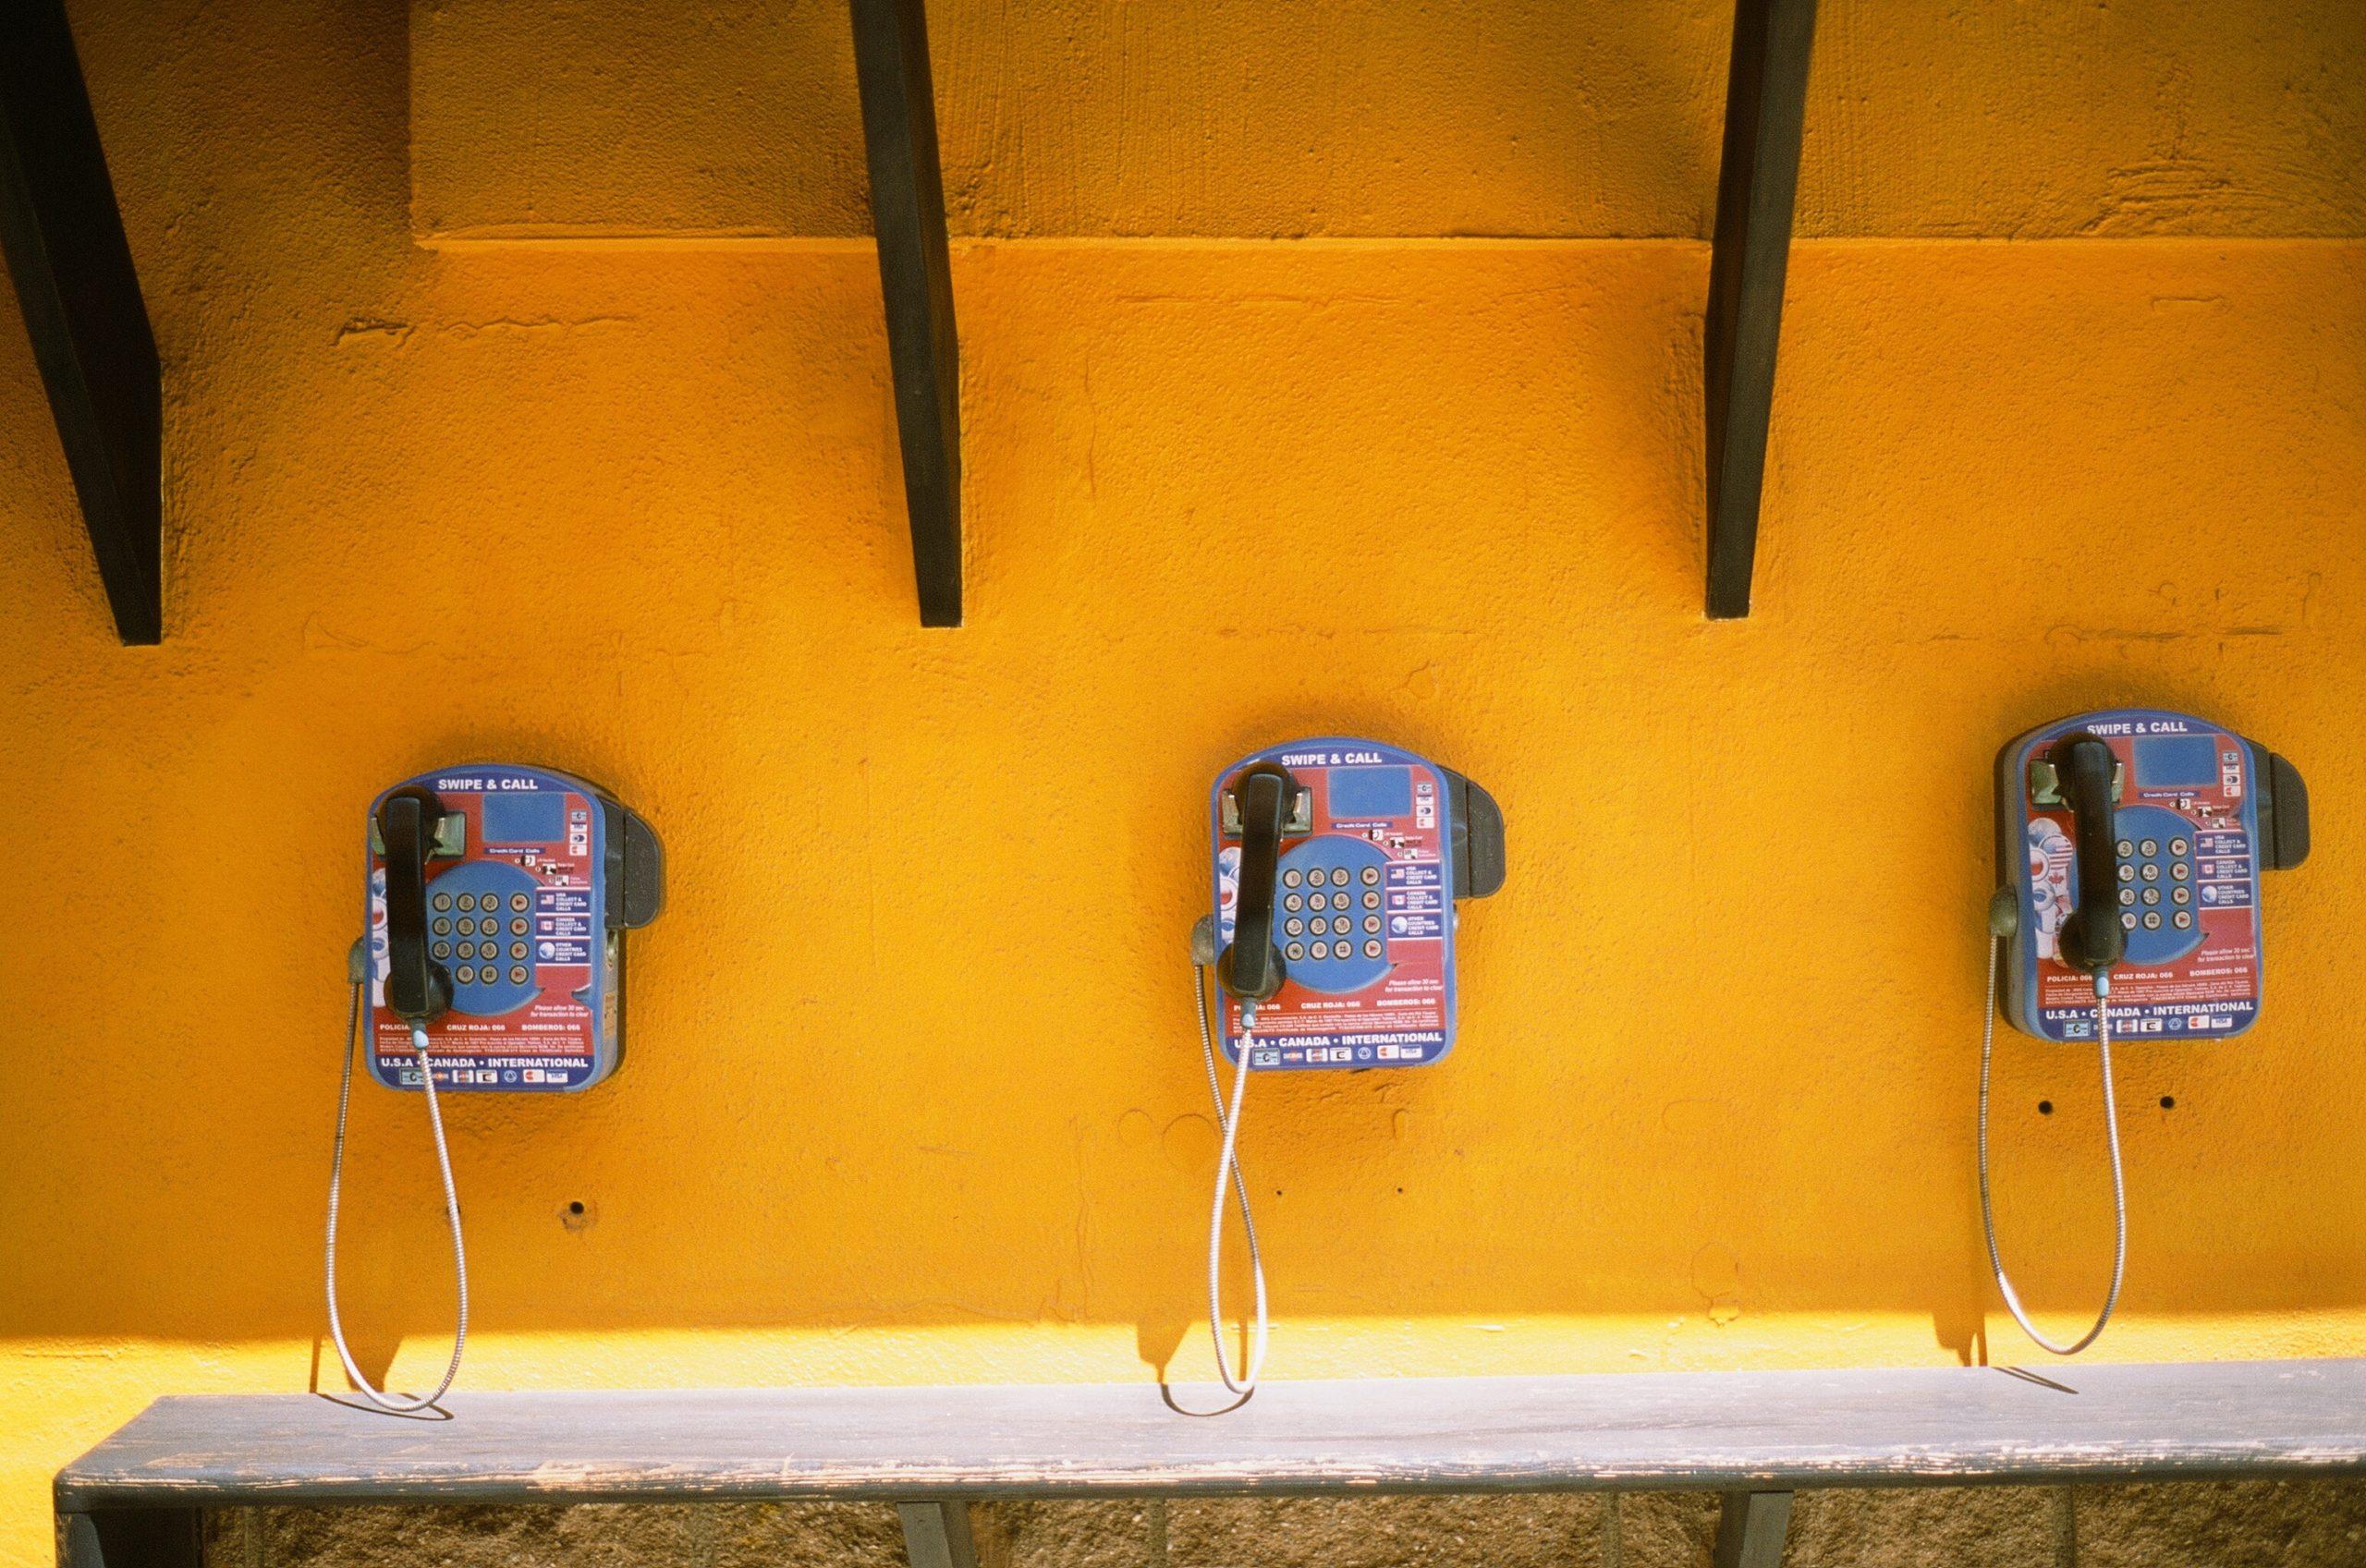 Comment réaliser un entretien téléphonique?